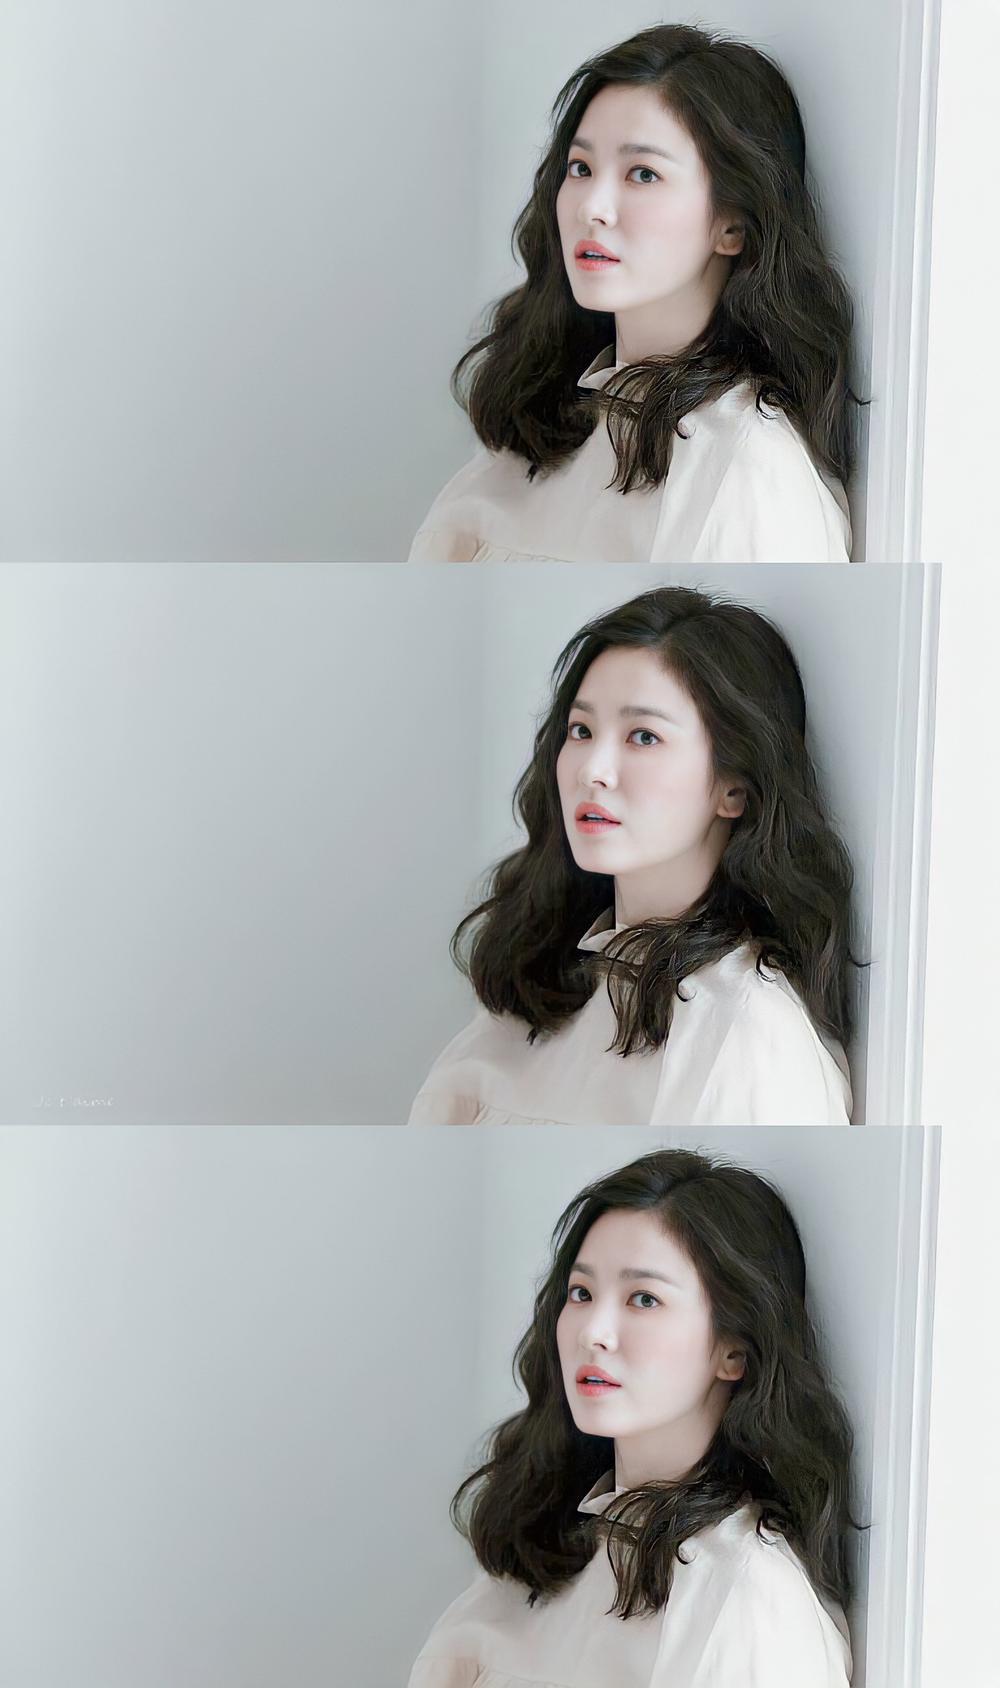 'Vợ chồng' Song Hye Kyo - Song Joong Ki khoe sắc trên MXH: Đẹp đến choáng ngợp! Ảnh 1